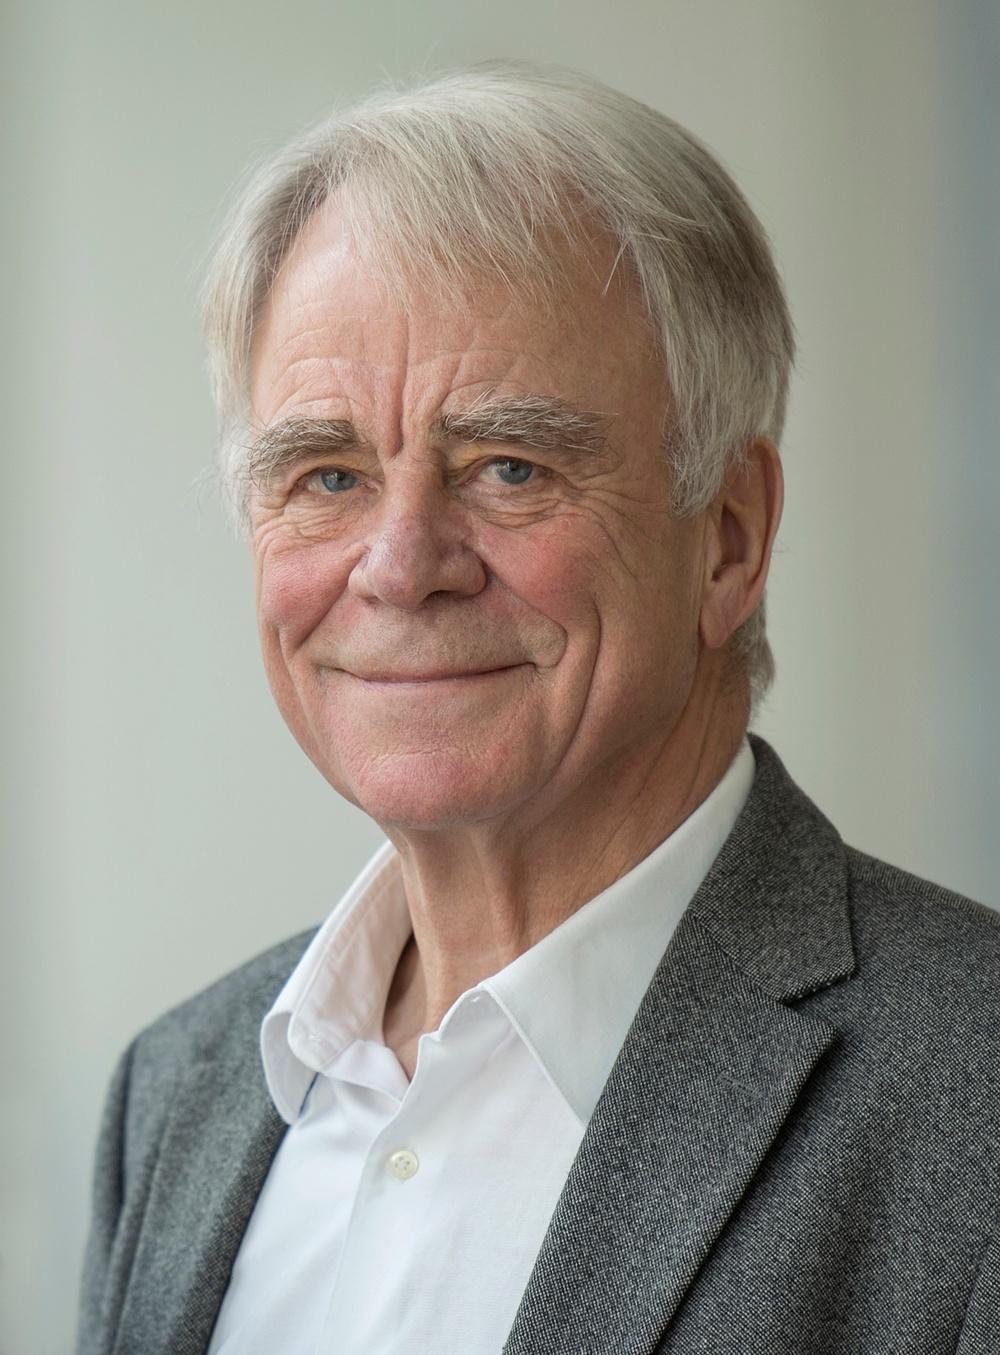 Björn Sprängare, ordförande i styrelsen för Stiftelsen Skogssällskapet. Foto: Håkan Flank